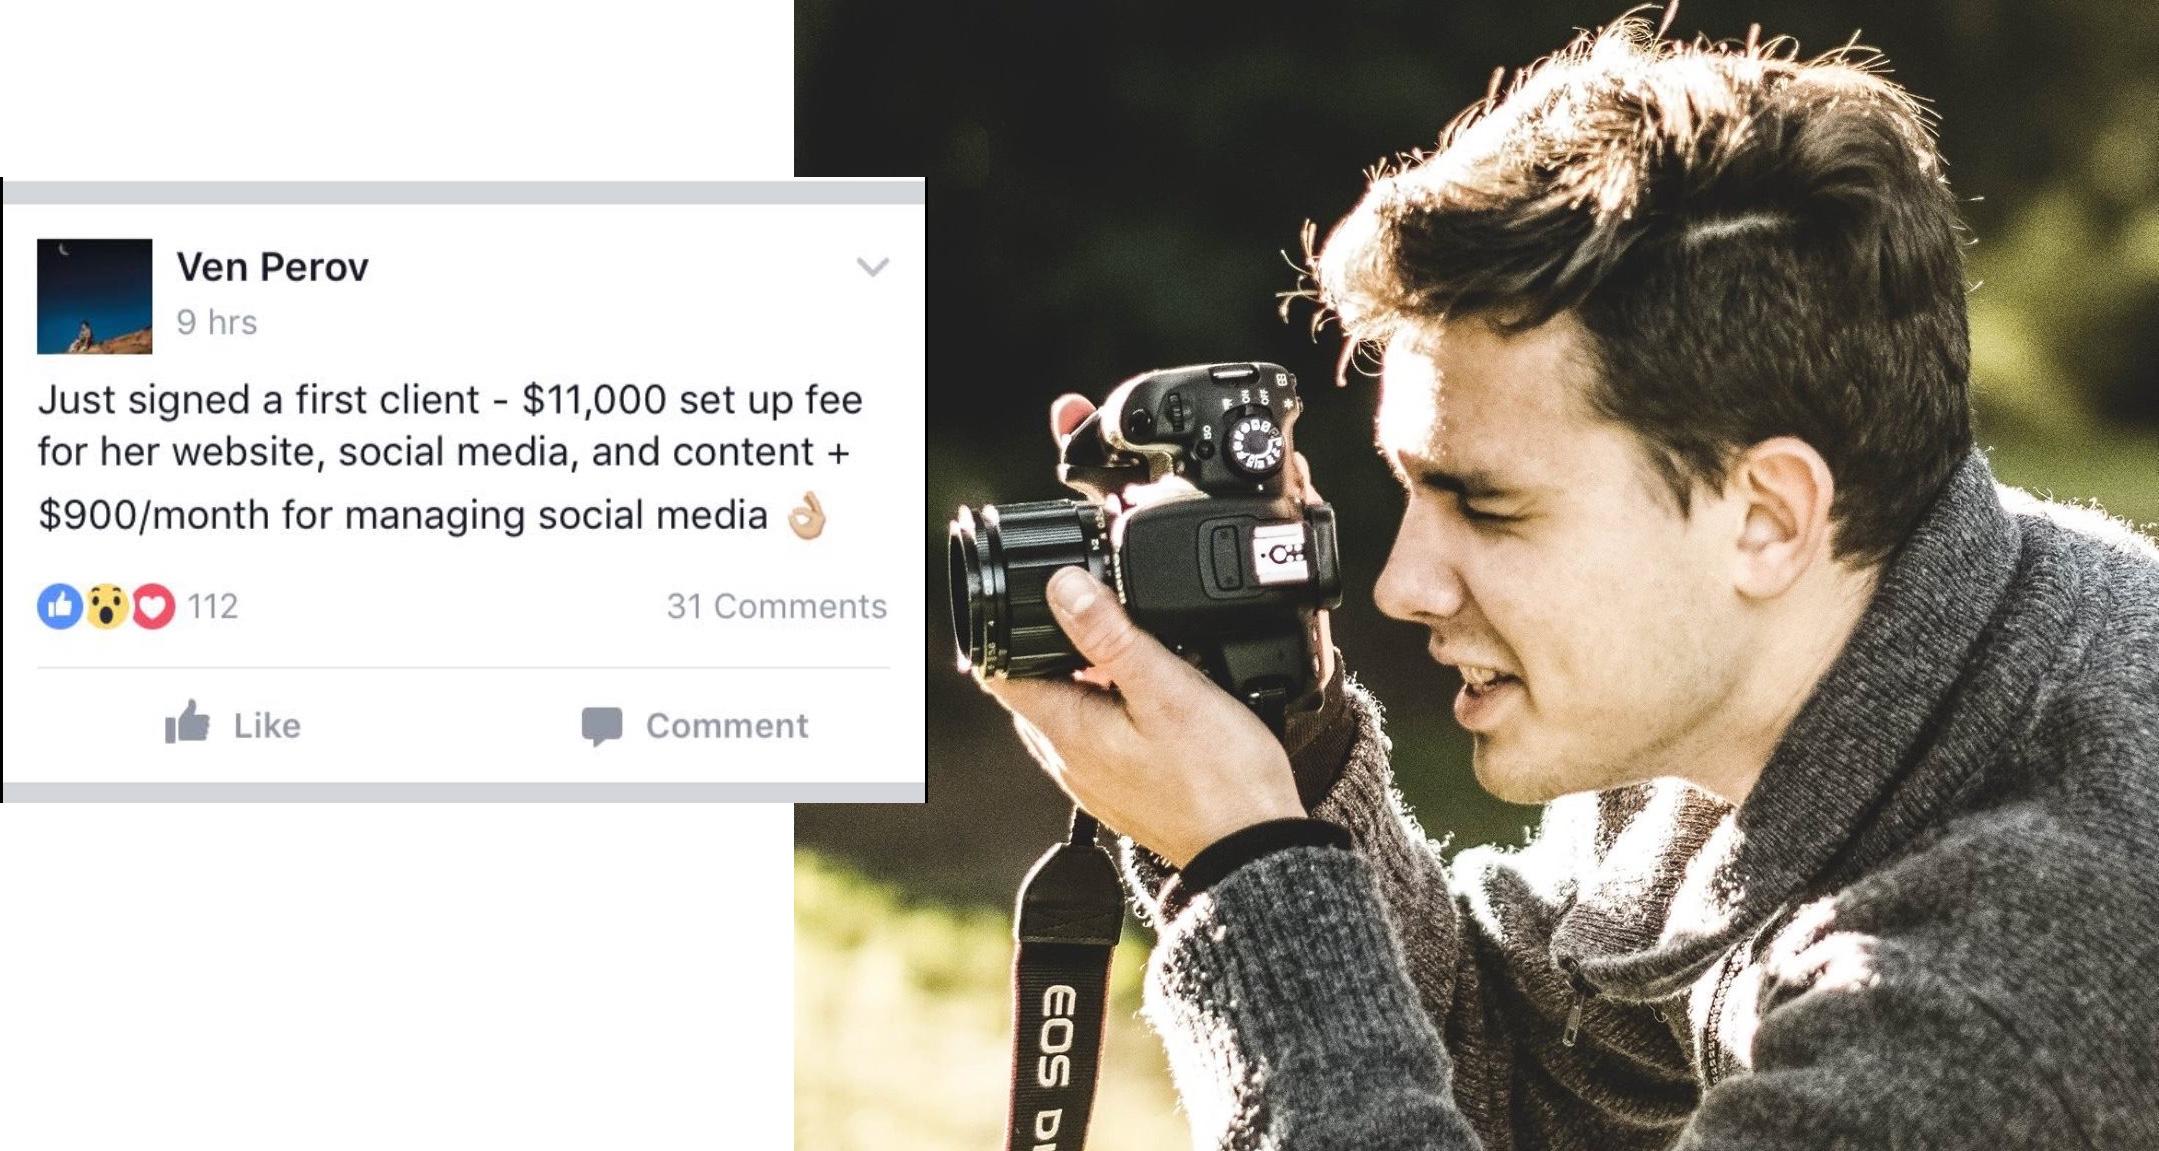 Tai Lopez Social Media Marketing Agency - Free Training